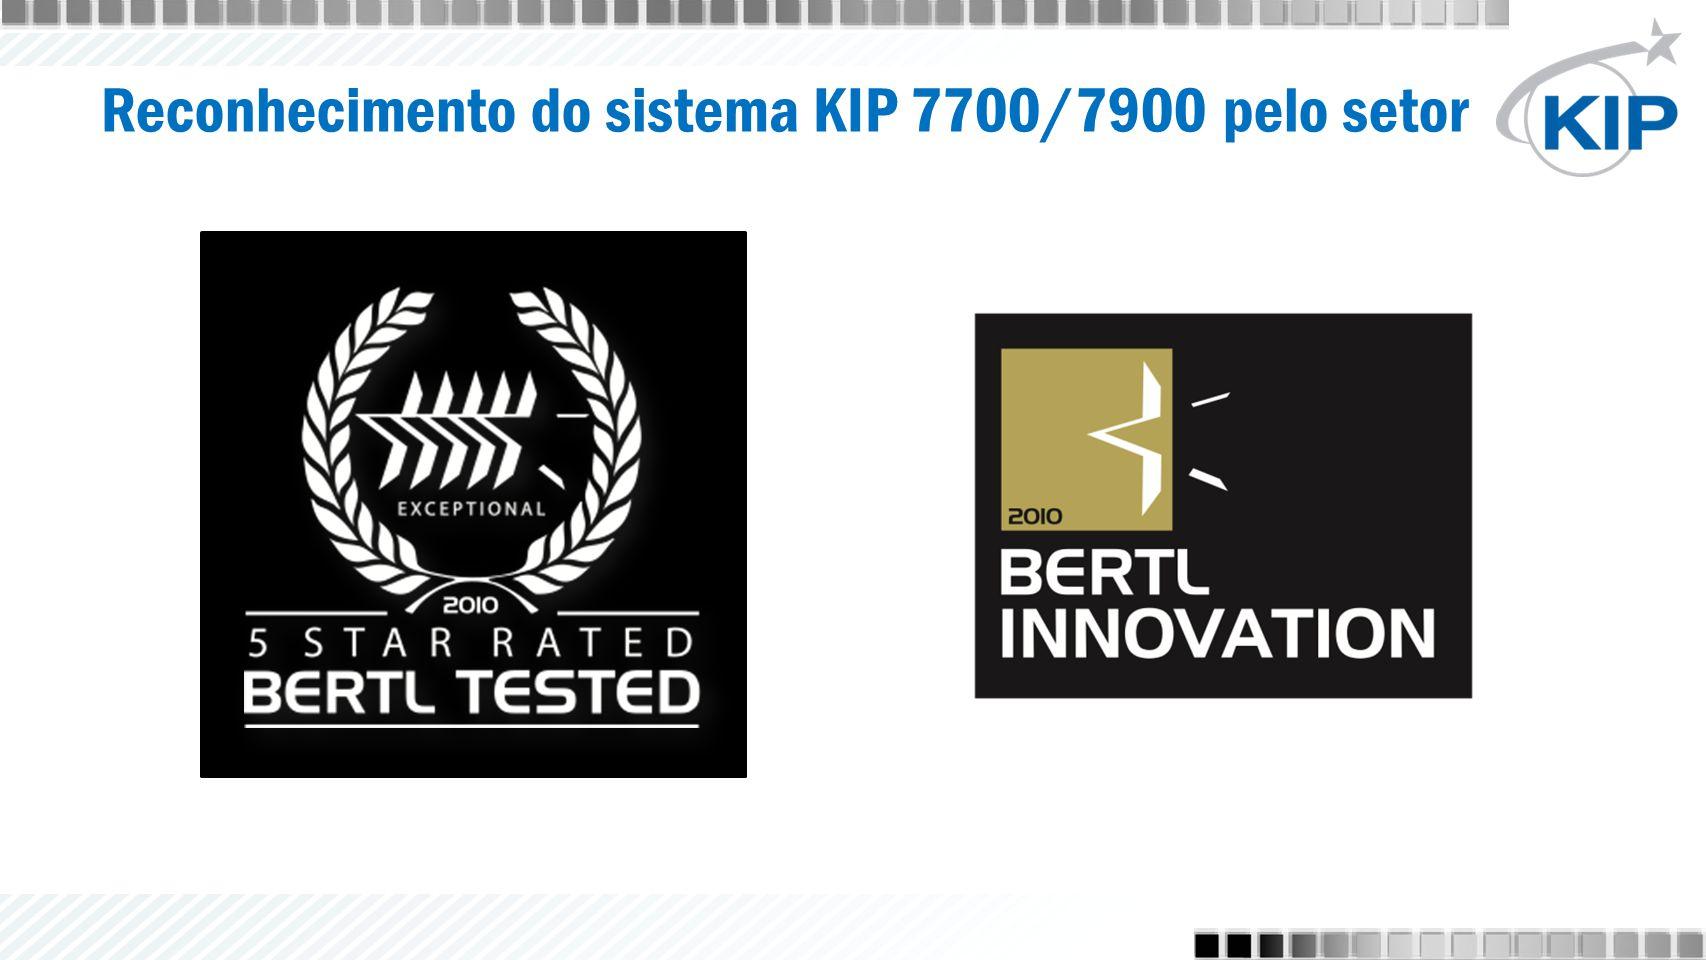 Reconhecimento do sistema KIP 7700/7900 pelo setor